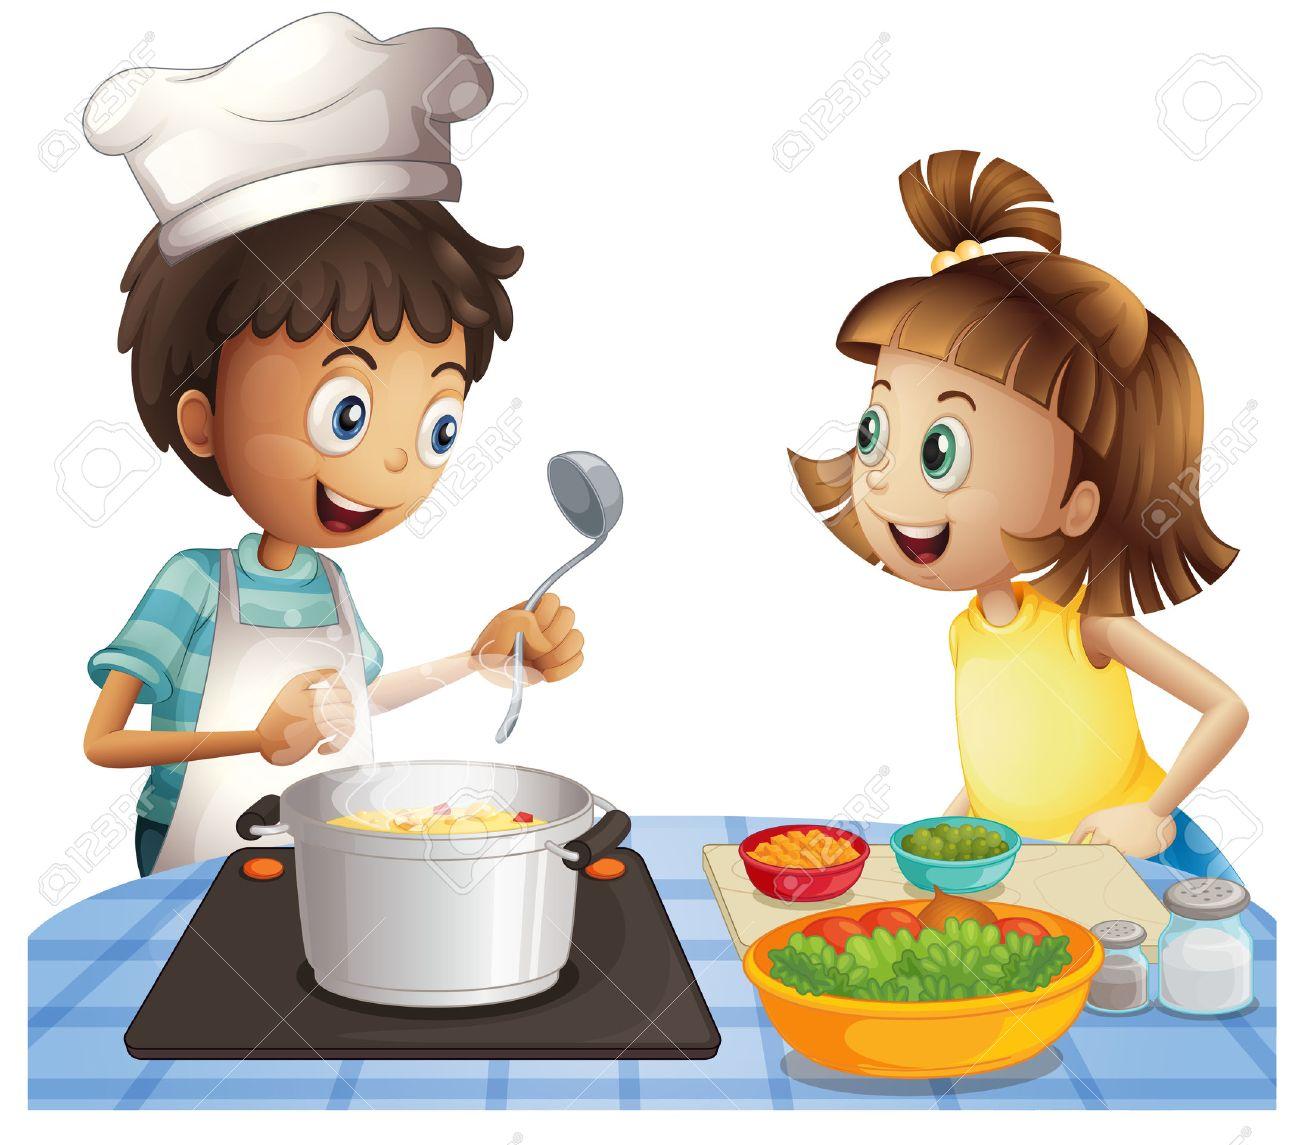 Ilustración De Dos Niños Cocinar Ilustraciones Vectoriales Clip Art